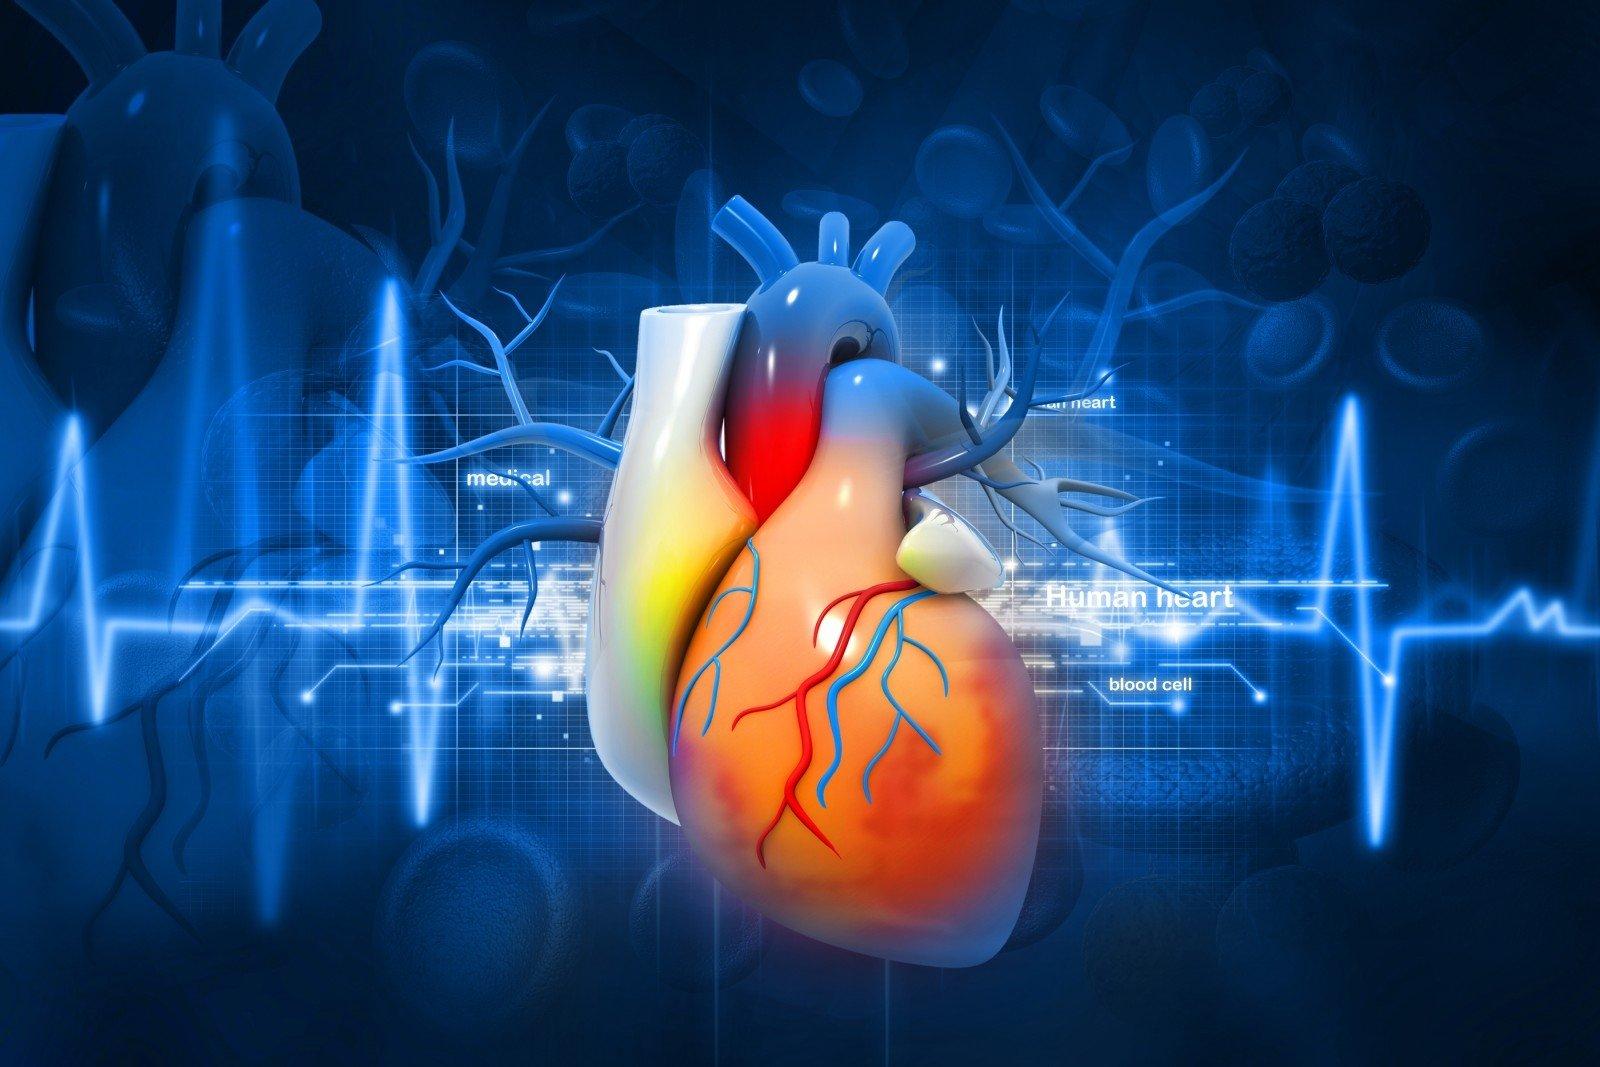 kaip širdies ir kraujagyslių sveikata sumažina širdies ligų riziką